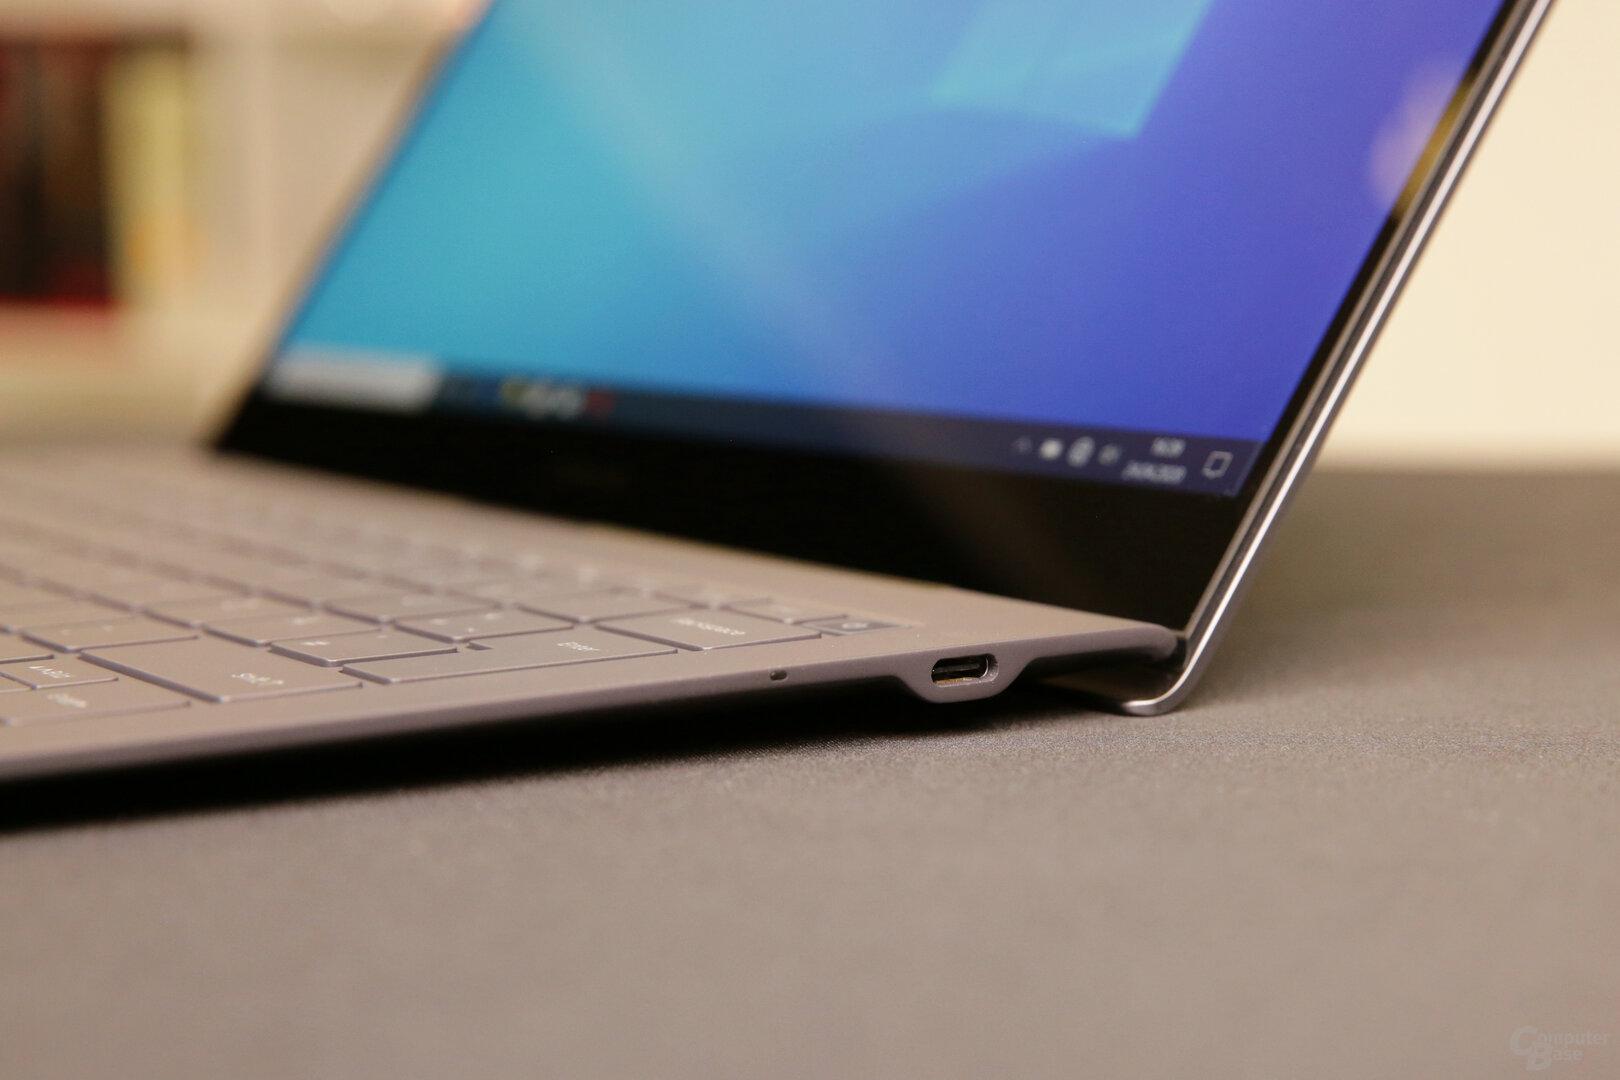 USB Typ C Buchse auf der rechten Seite